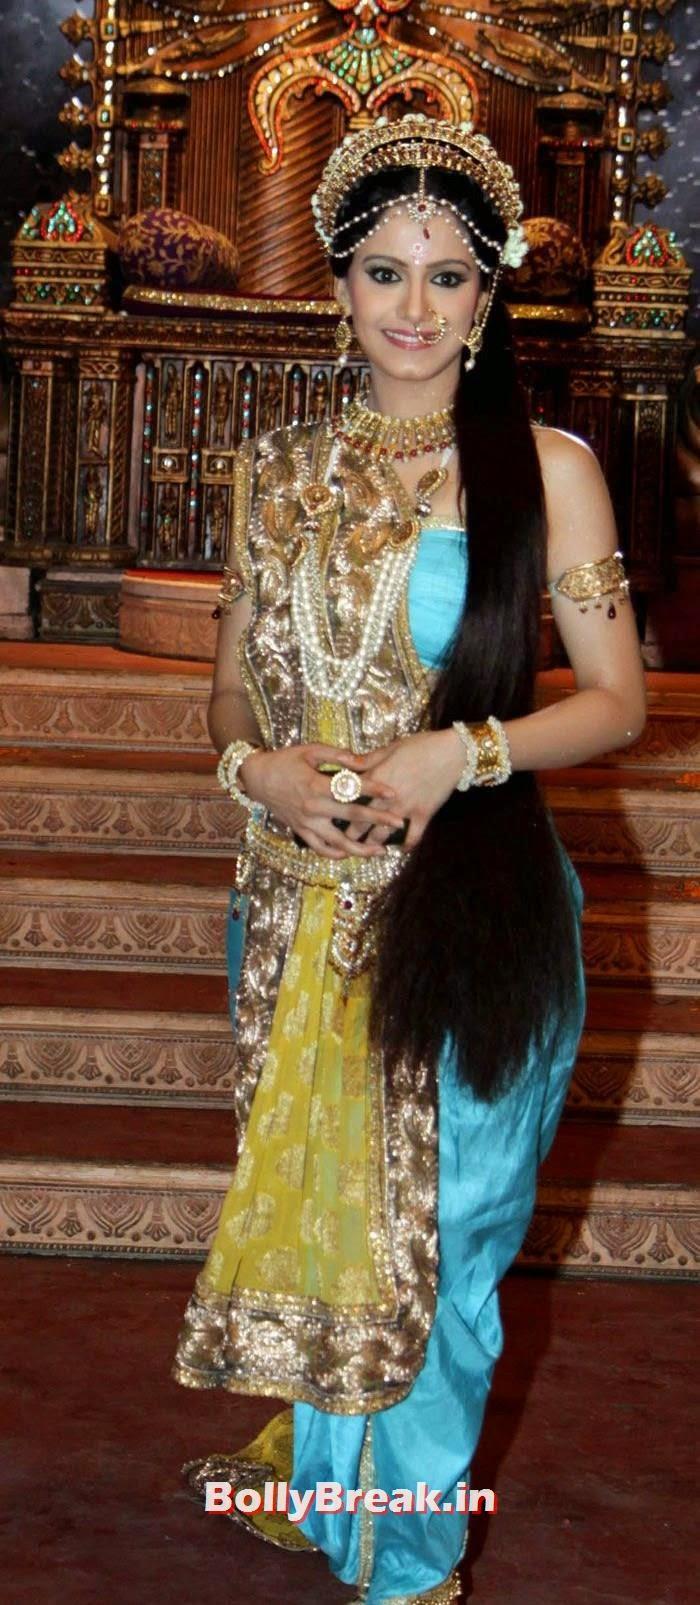 Cheshtha Mehta Ver long hair